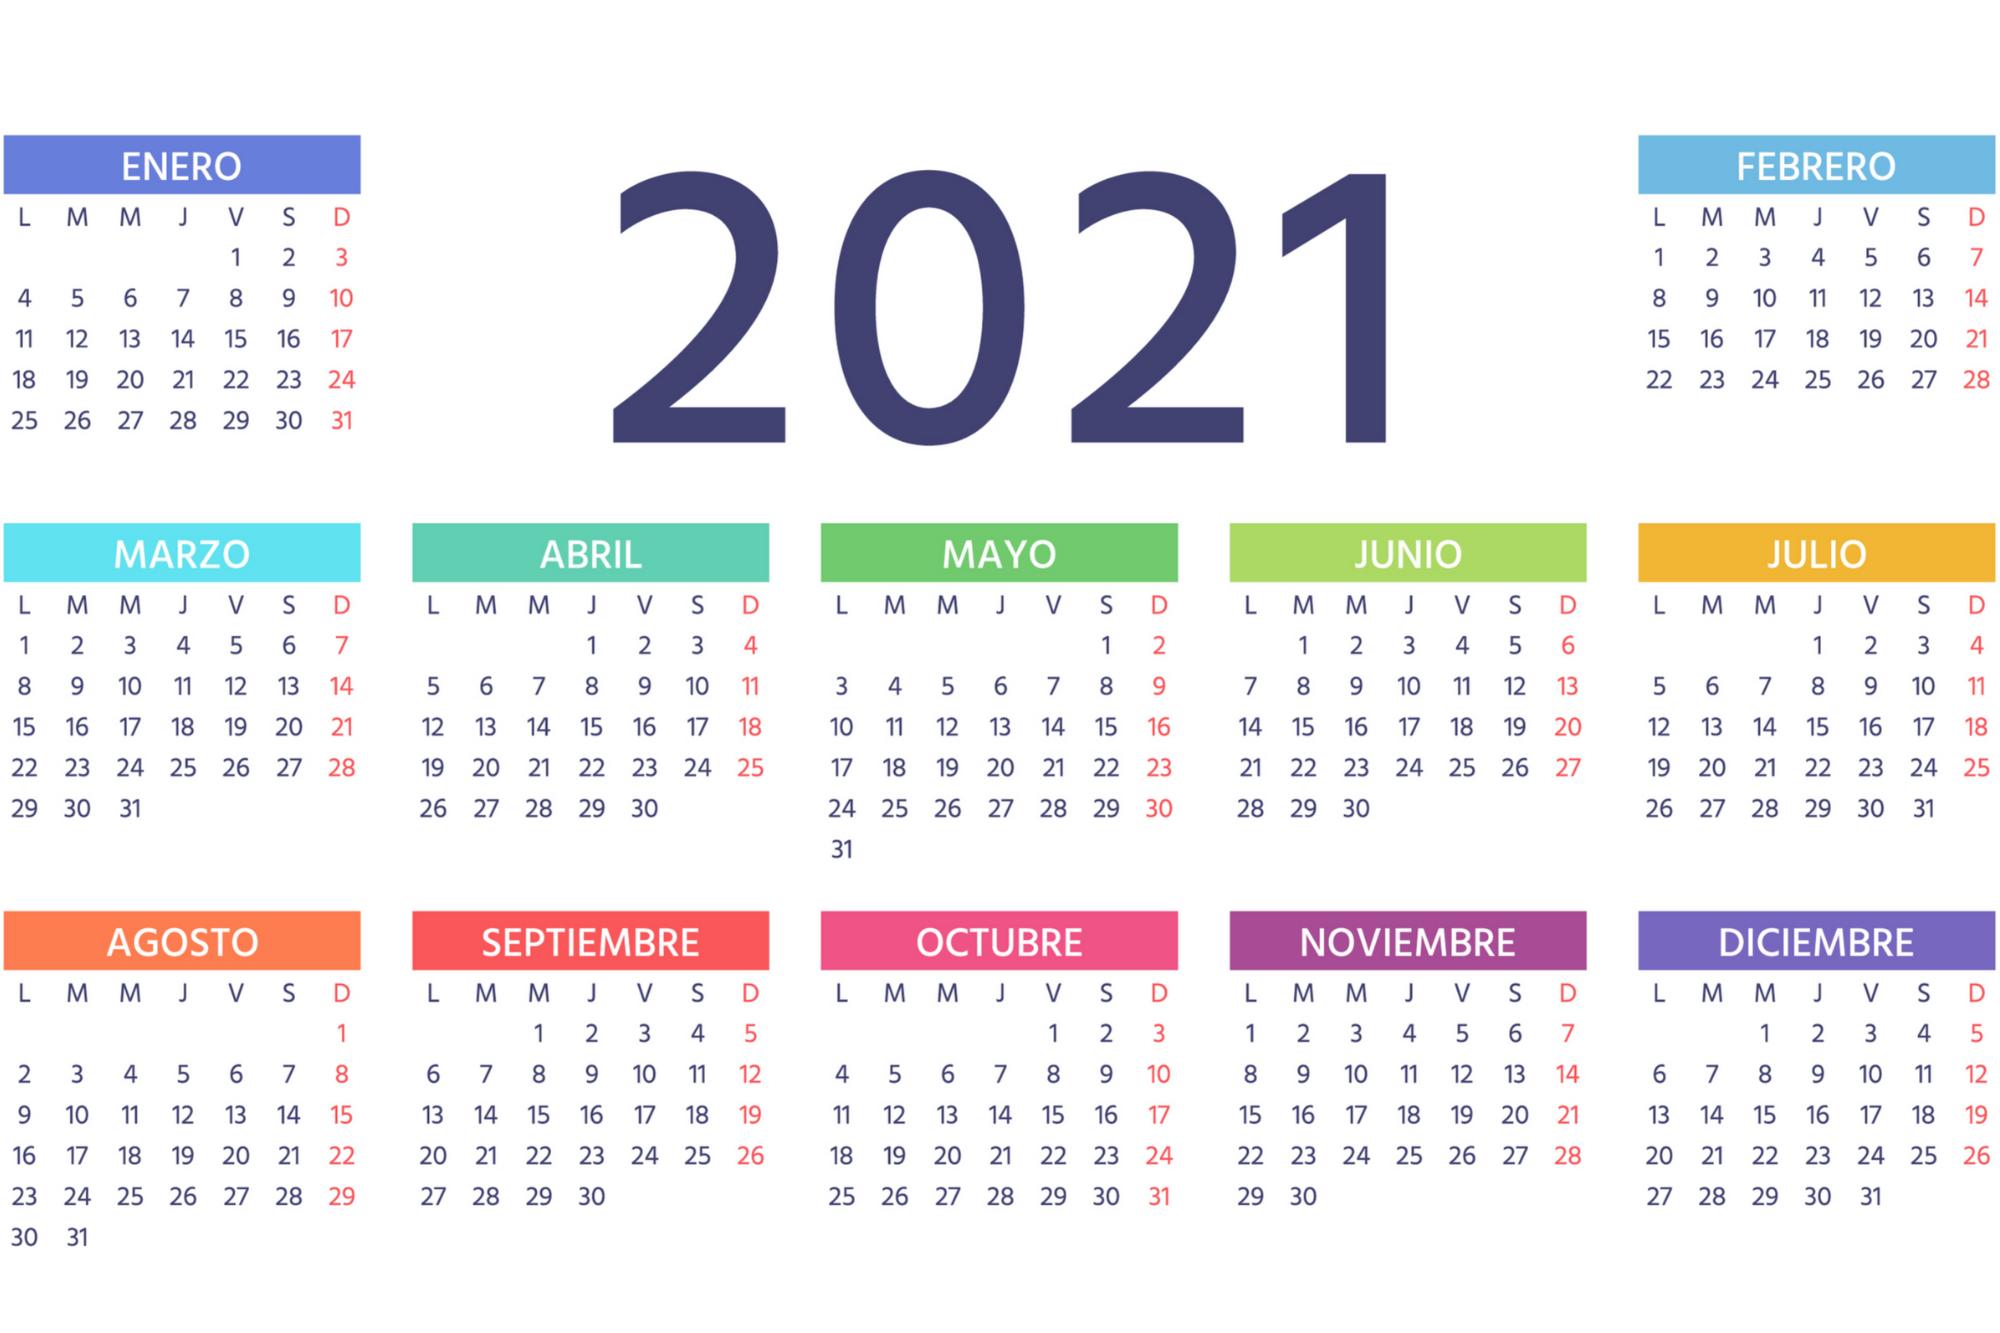 Numero Juliano 2021